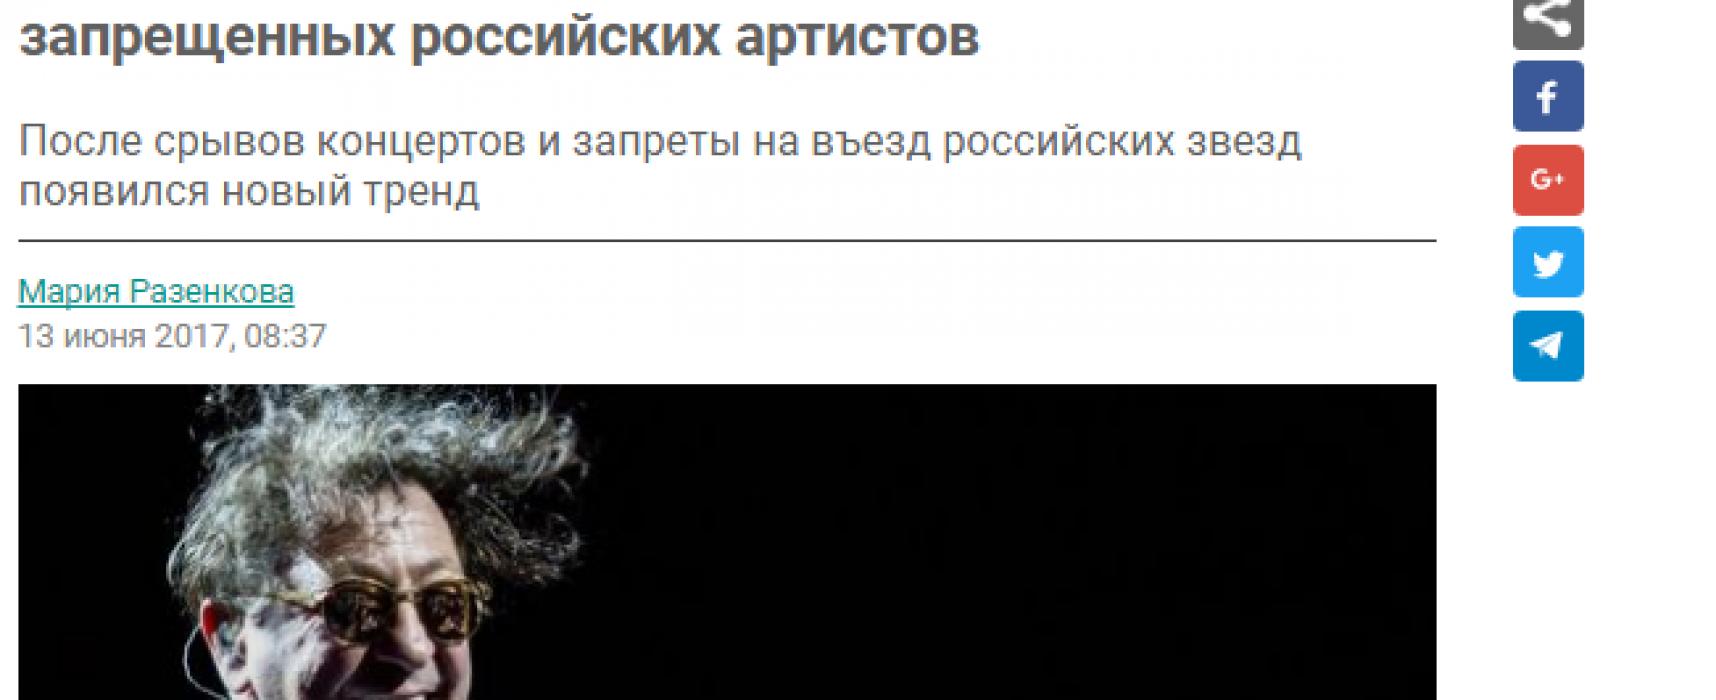 Fake: In Ucraina tour «segreti» per i concerti delle stars russe